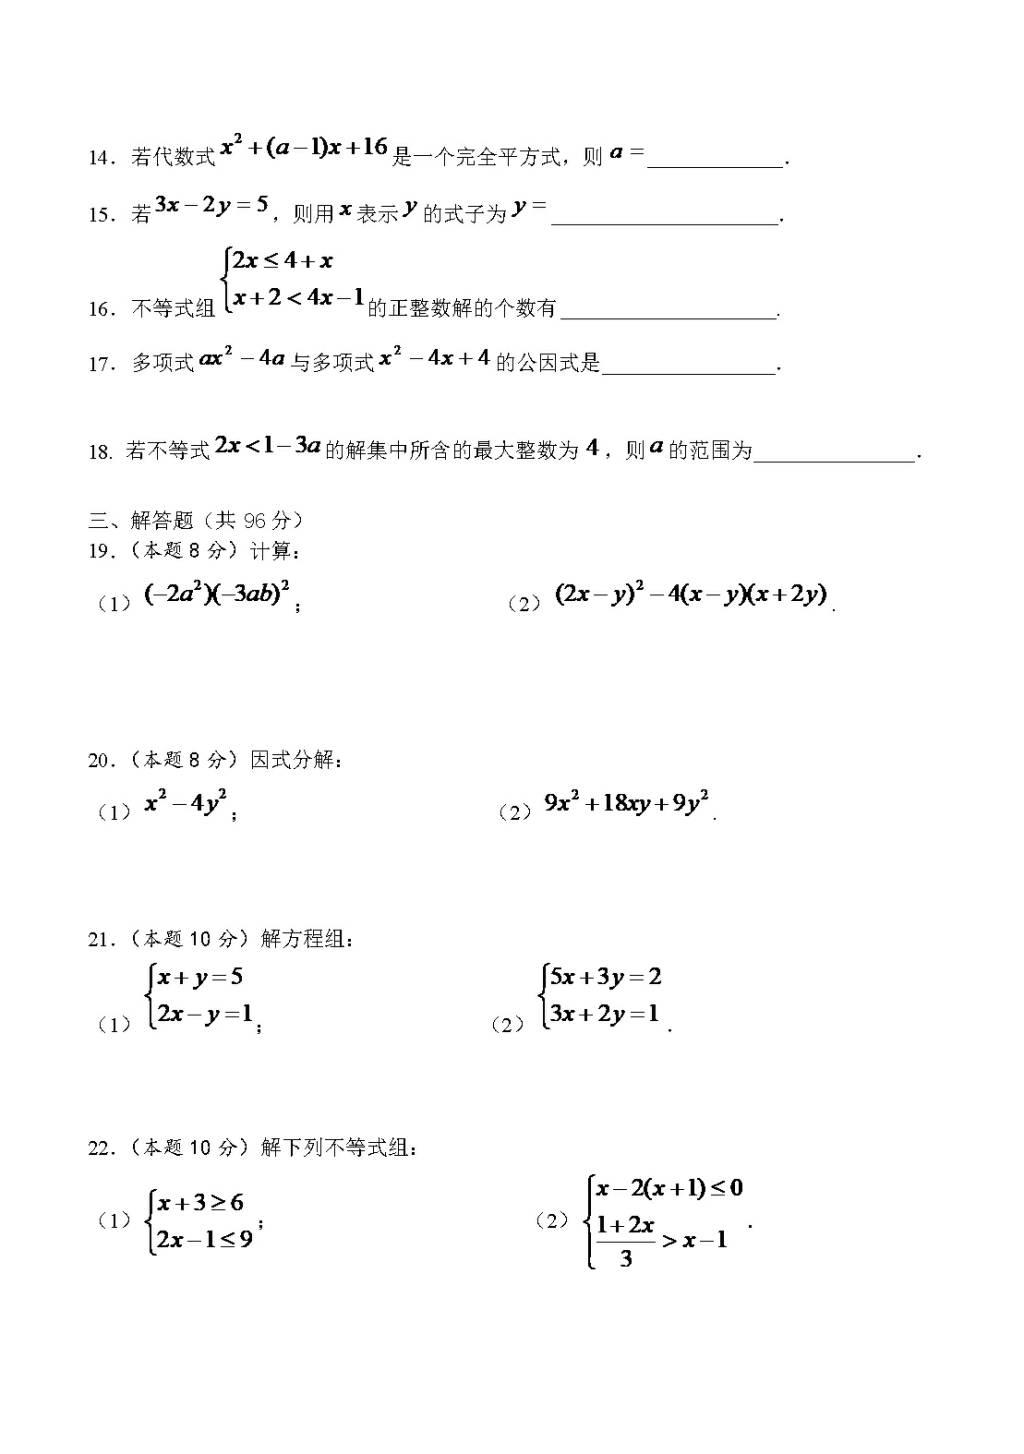 七年级数学下册期中考试试卷(文件编号:21041007)